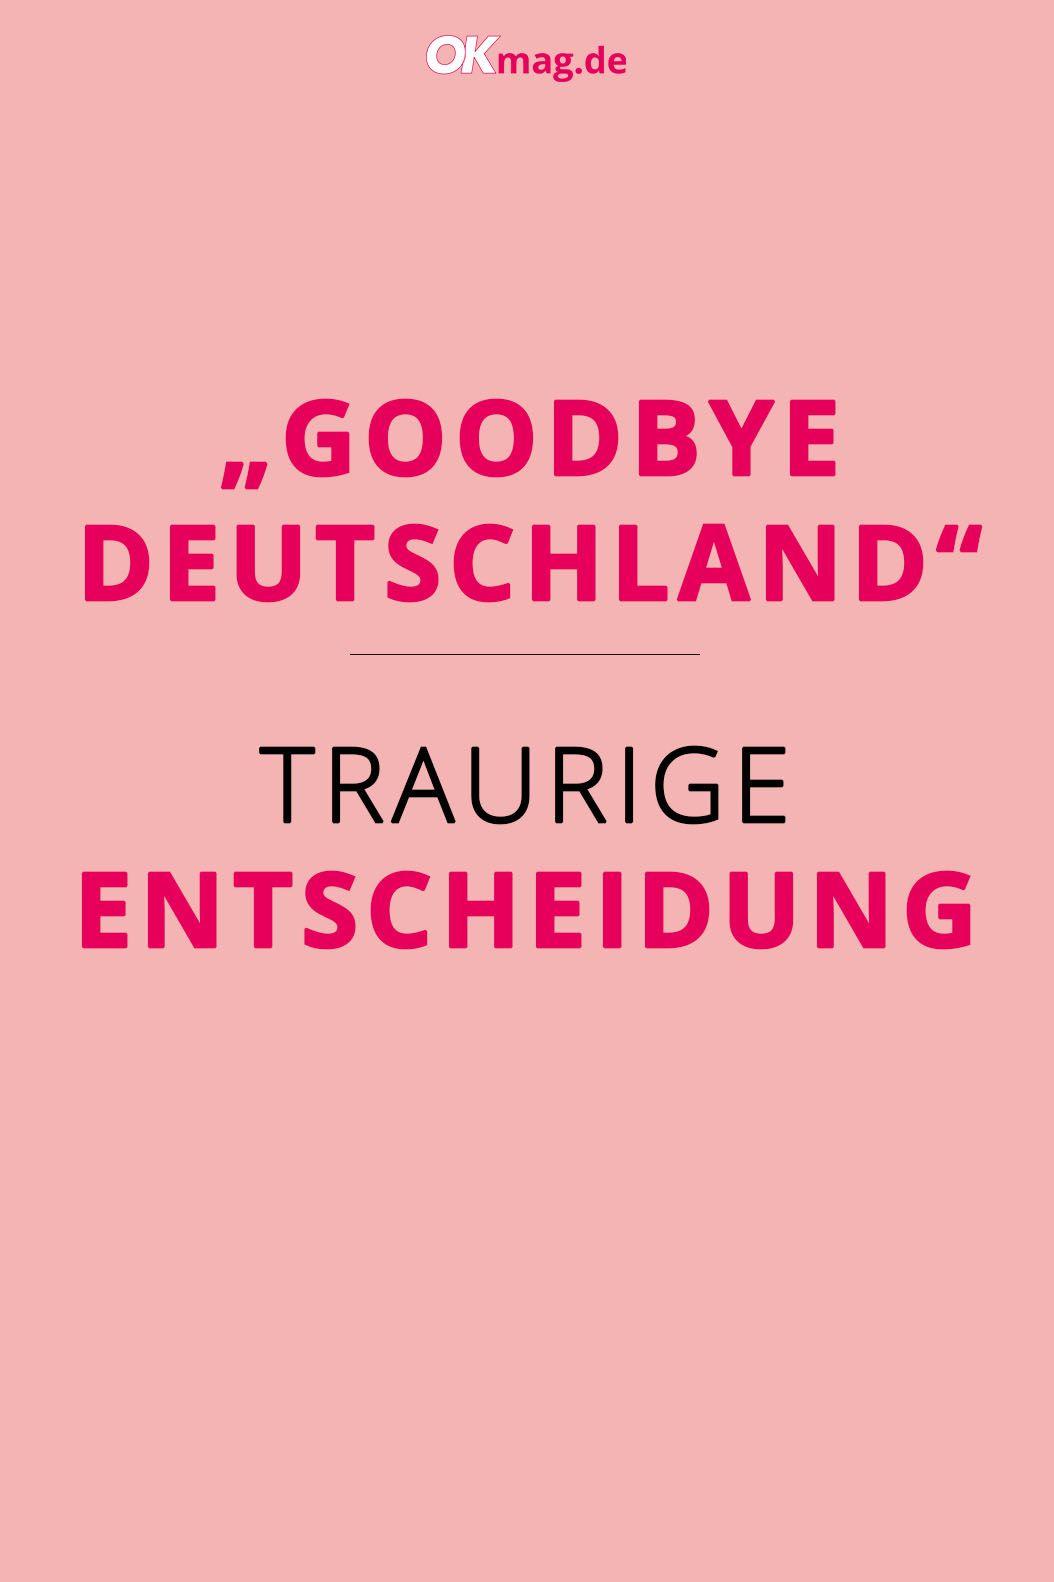 """""""Goodbye Deutschland"""" Traurige Entscheidung Traurig"""